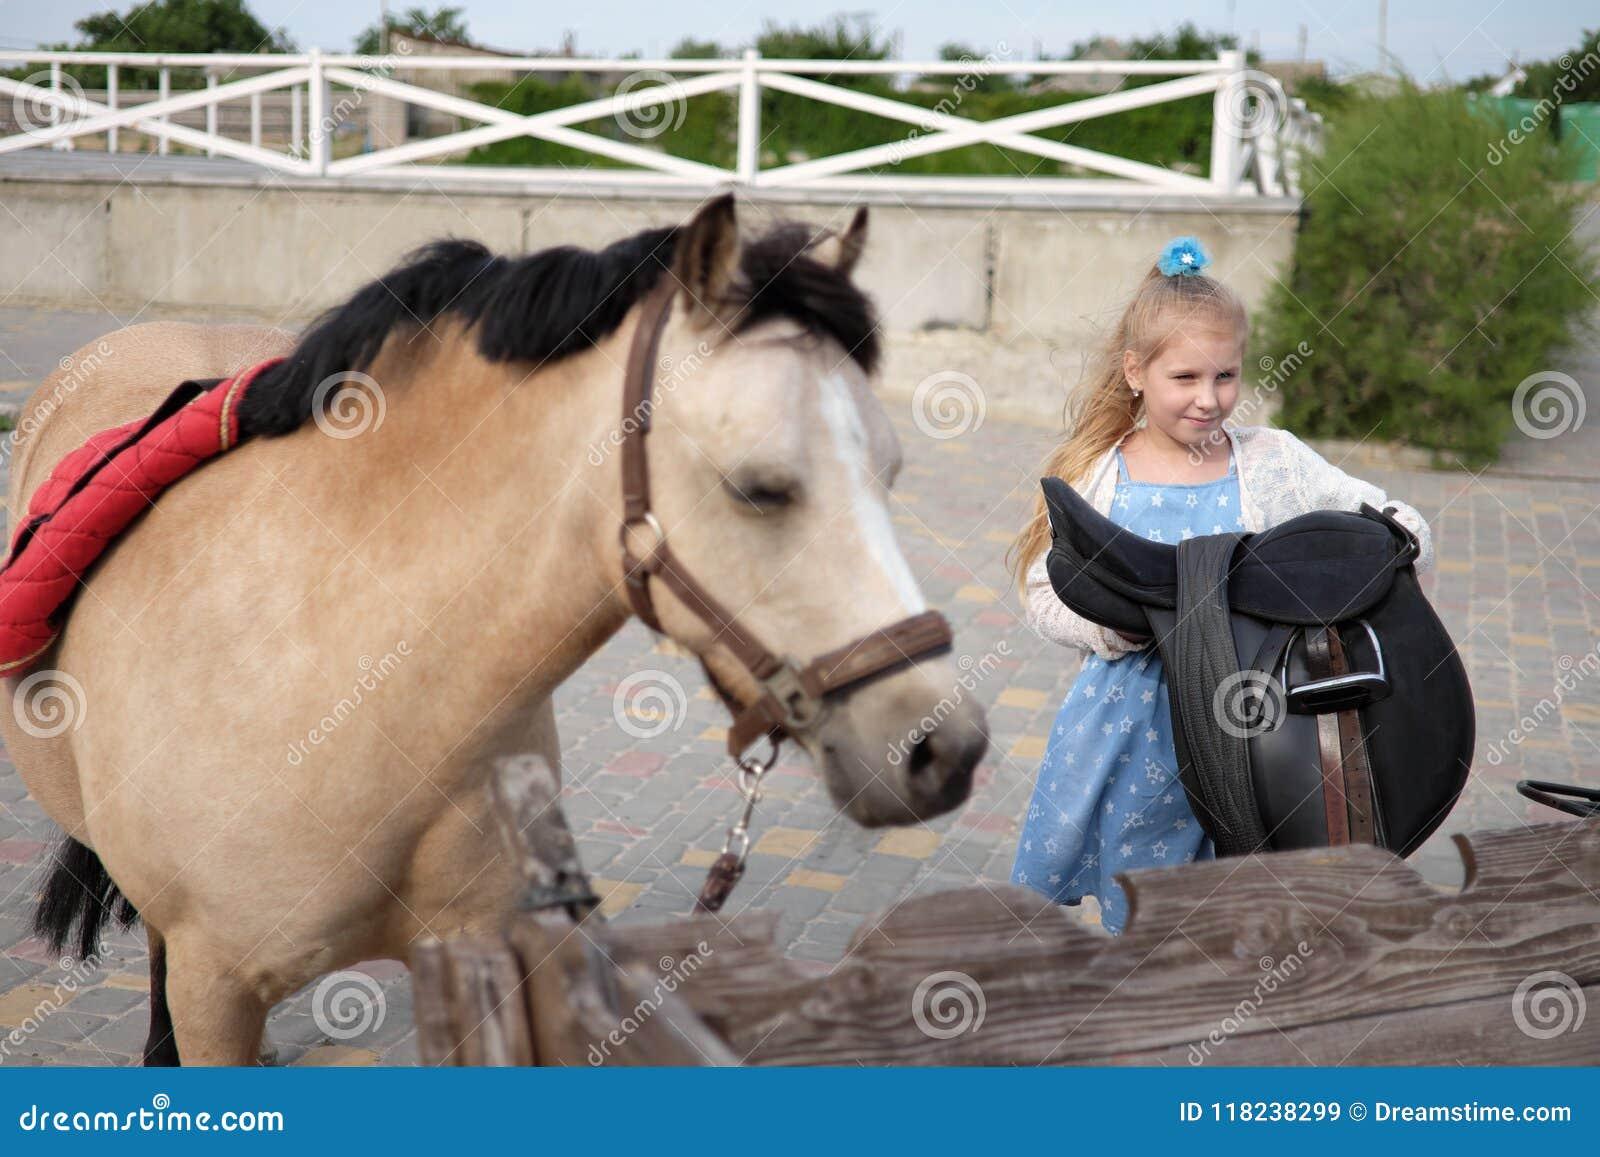 Lilla flickan gör ren och kammar hennes ponny och sadlar honom